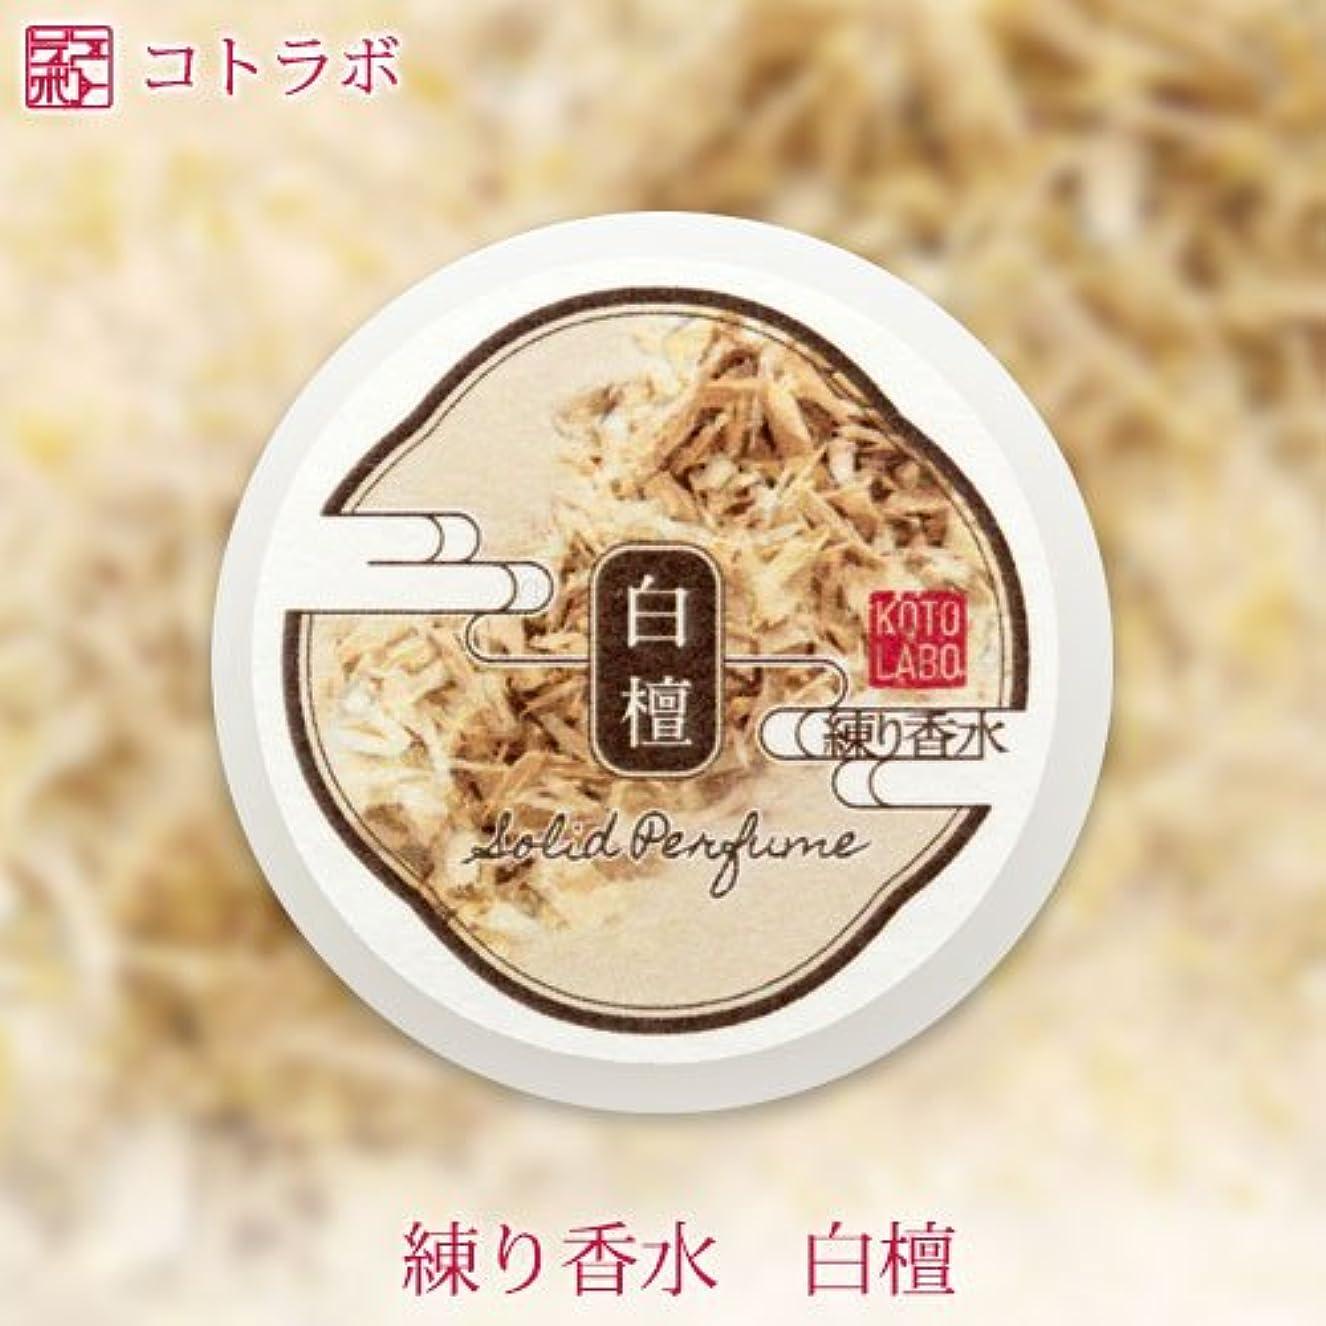 壁紙軽蔑するの配列金箔透明練り香水 白檀の香り ソリッドパフューム Kotolabo solid perfume, Sandalwood